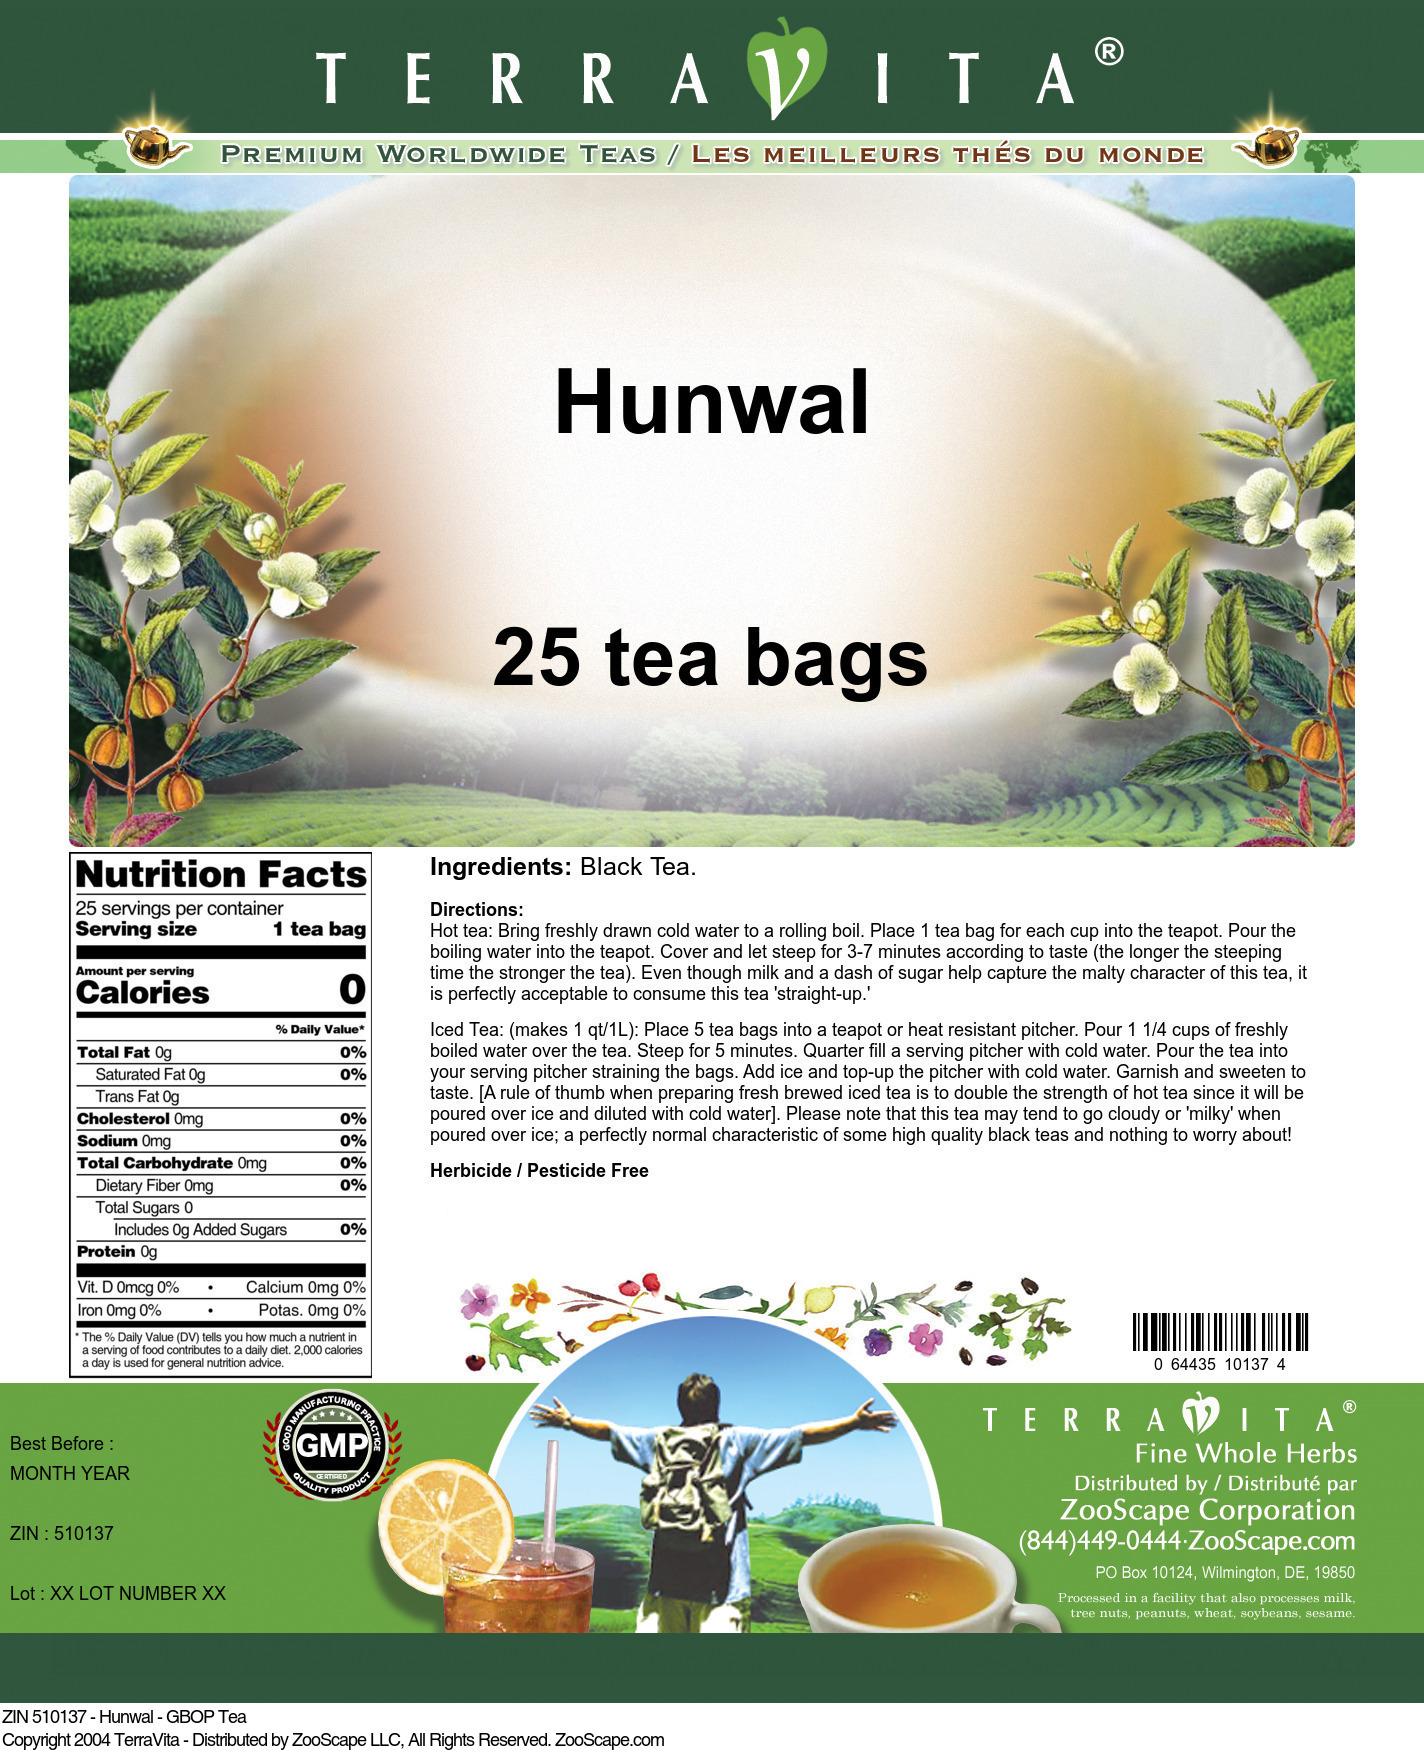 Hunwal - GBOP Tea